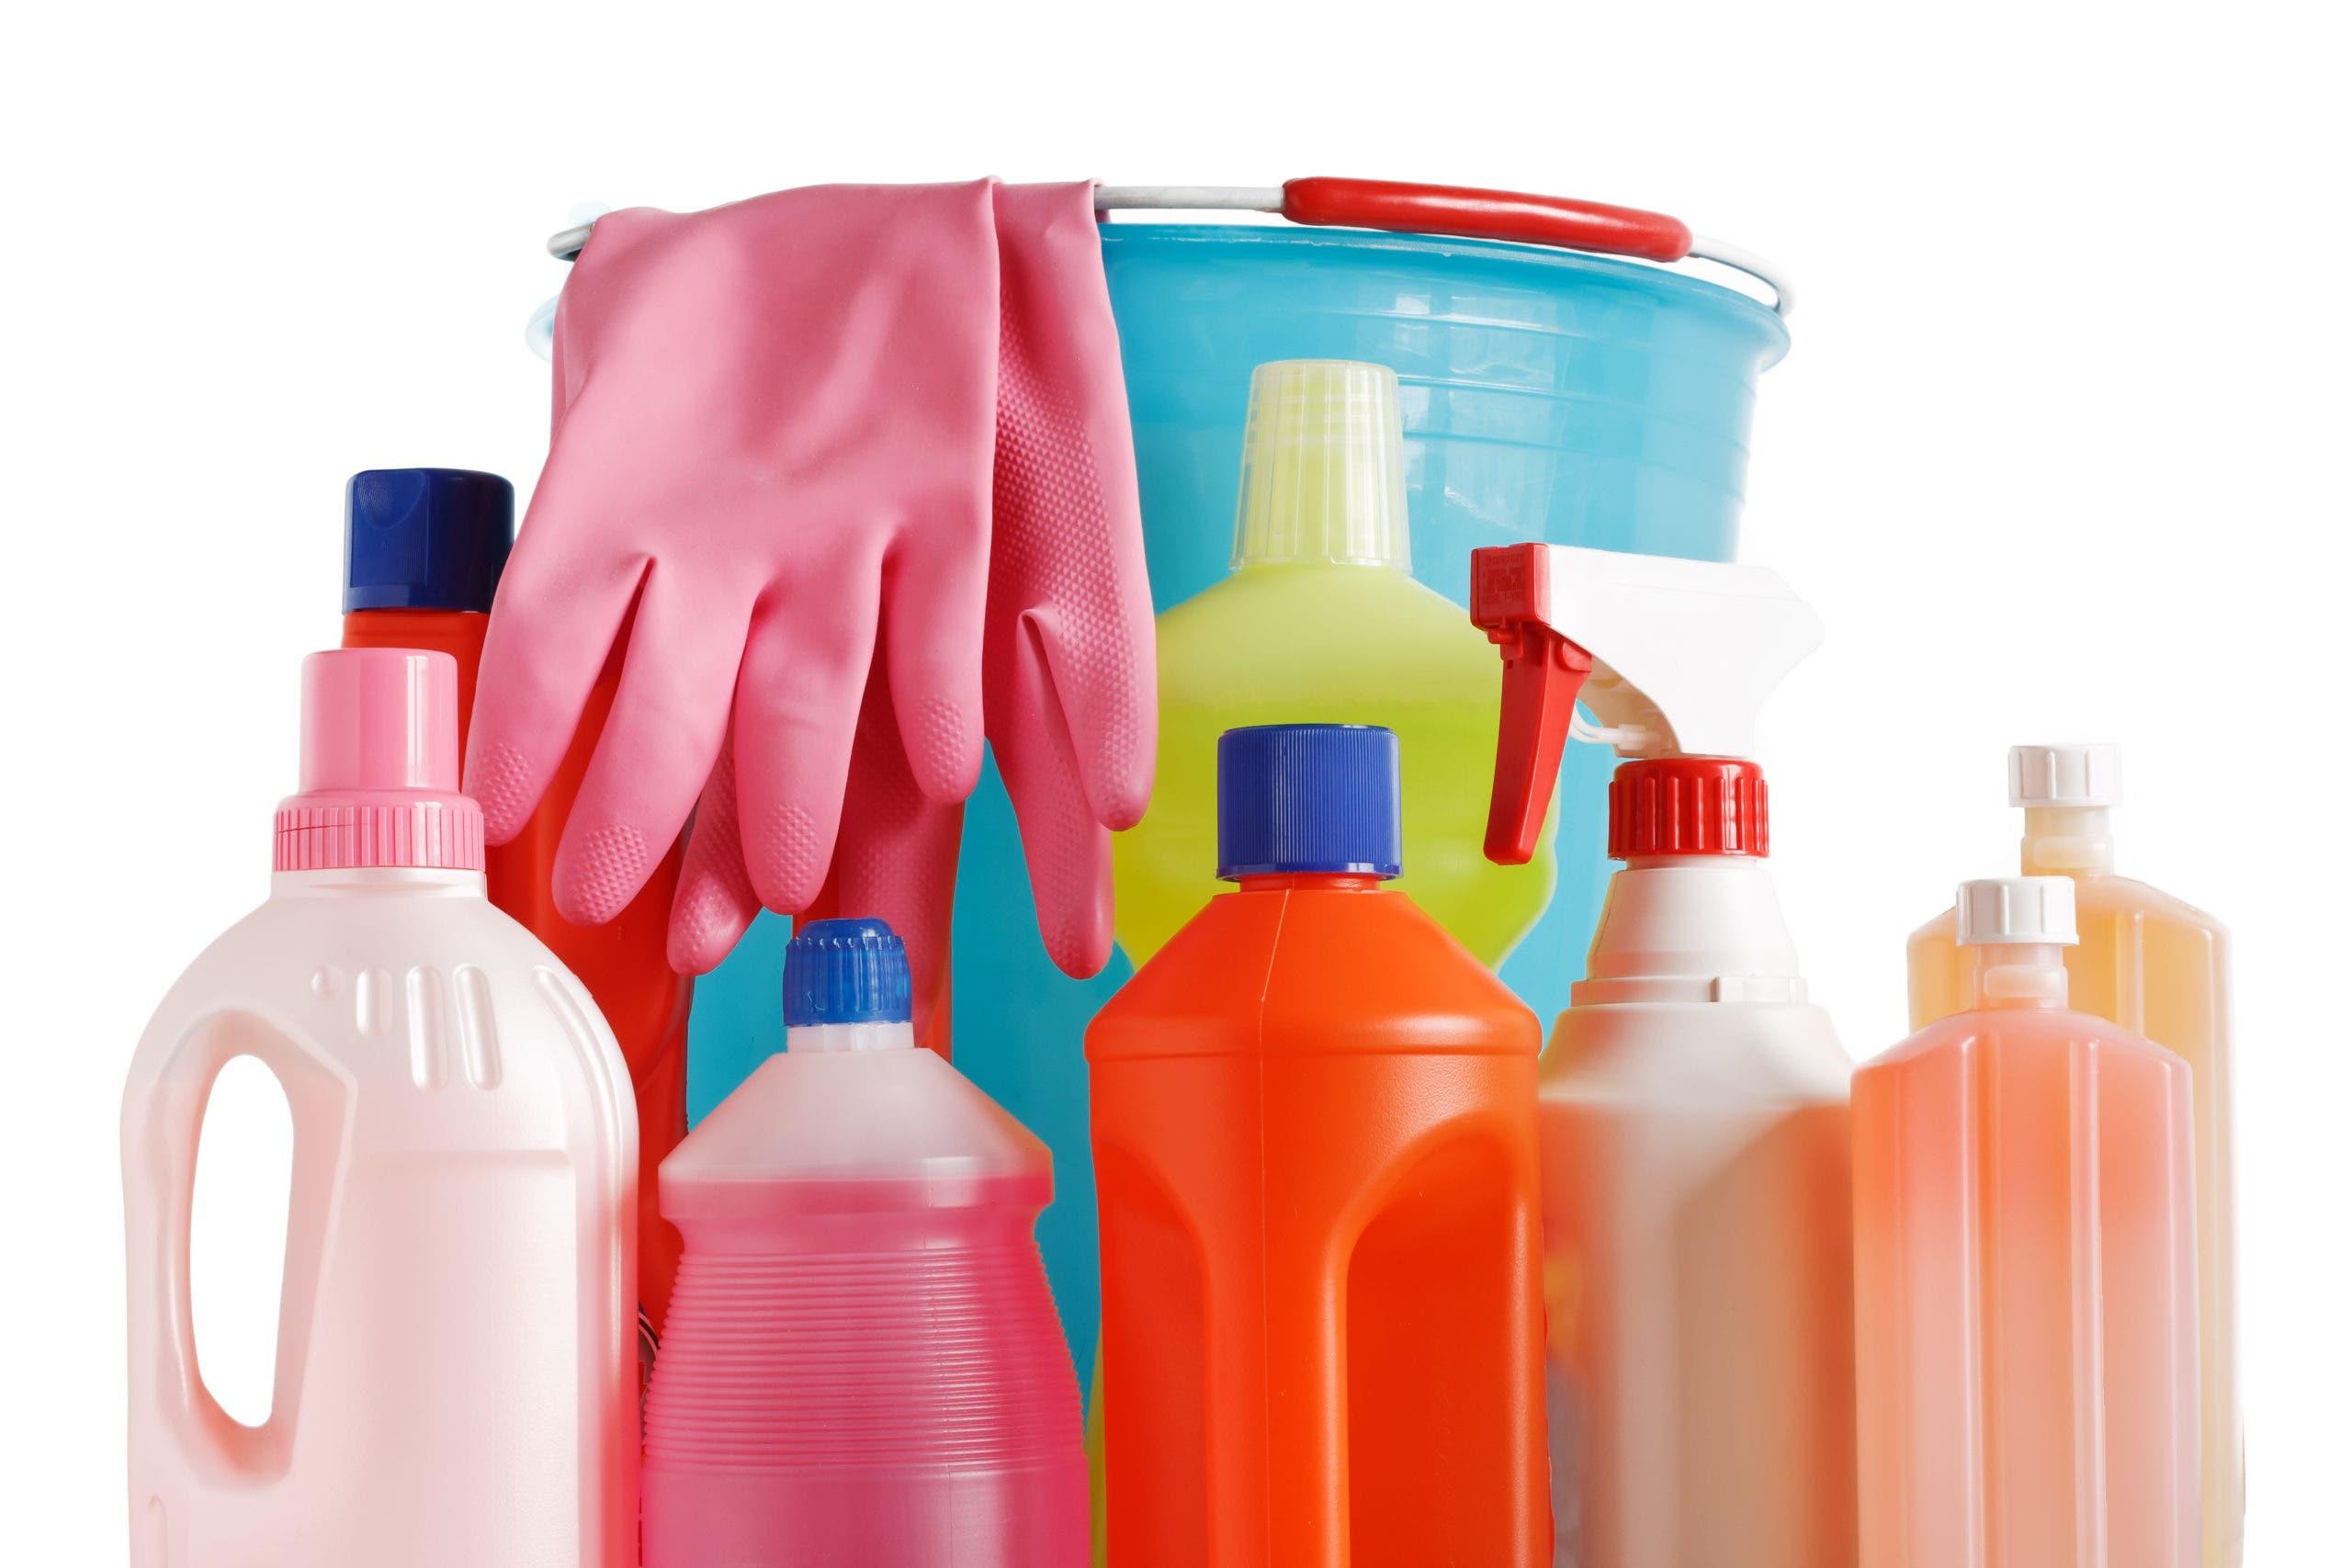 detergeants